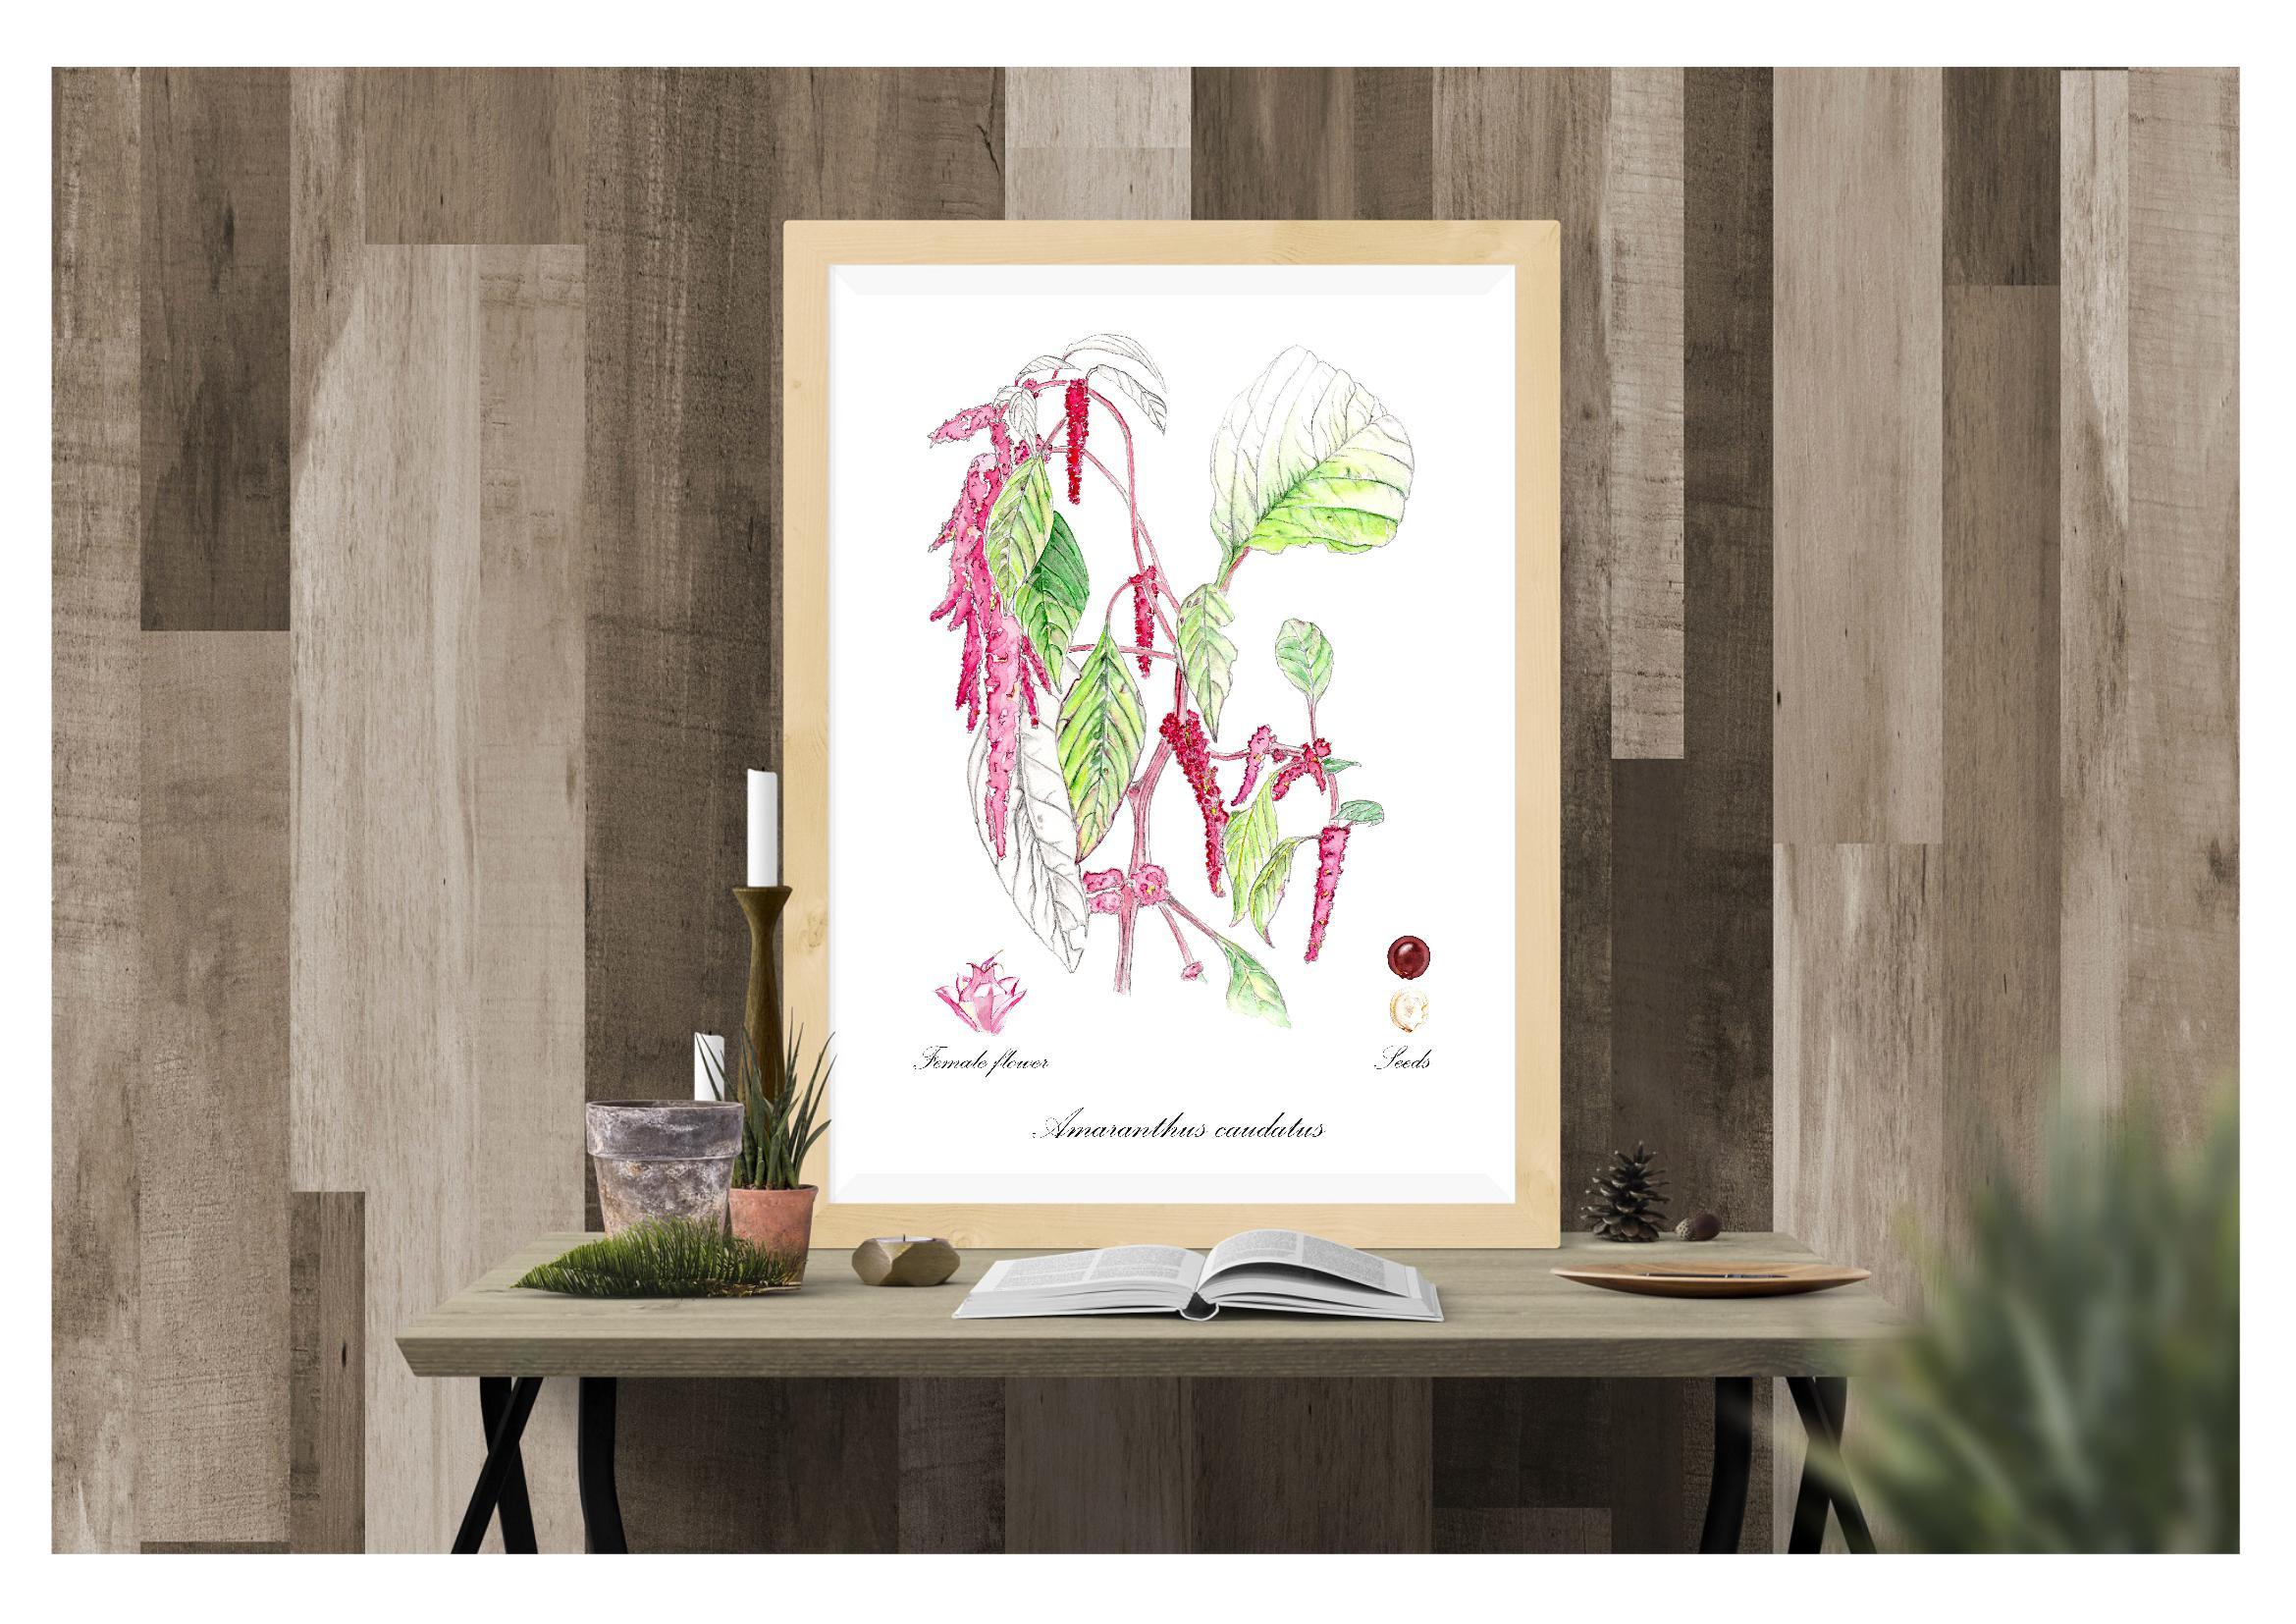 Planche botabique Amaranthus caudathus © Grand'Air Illustration